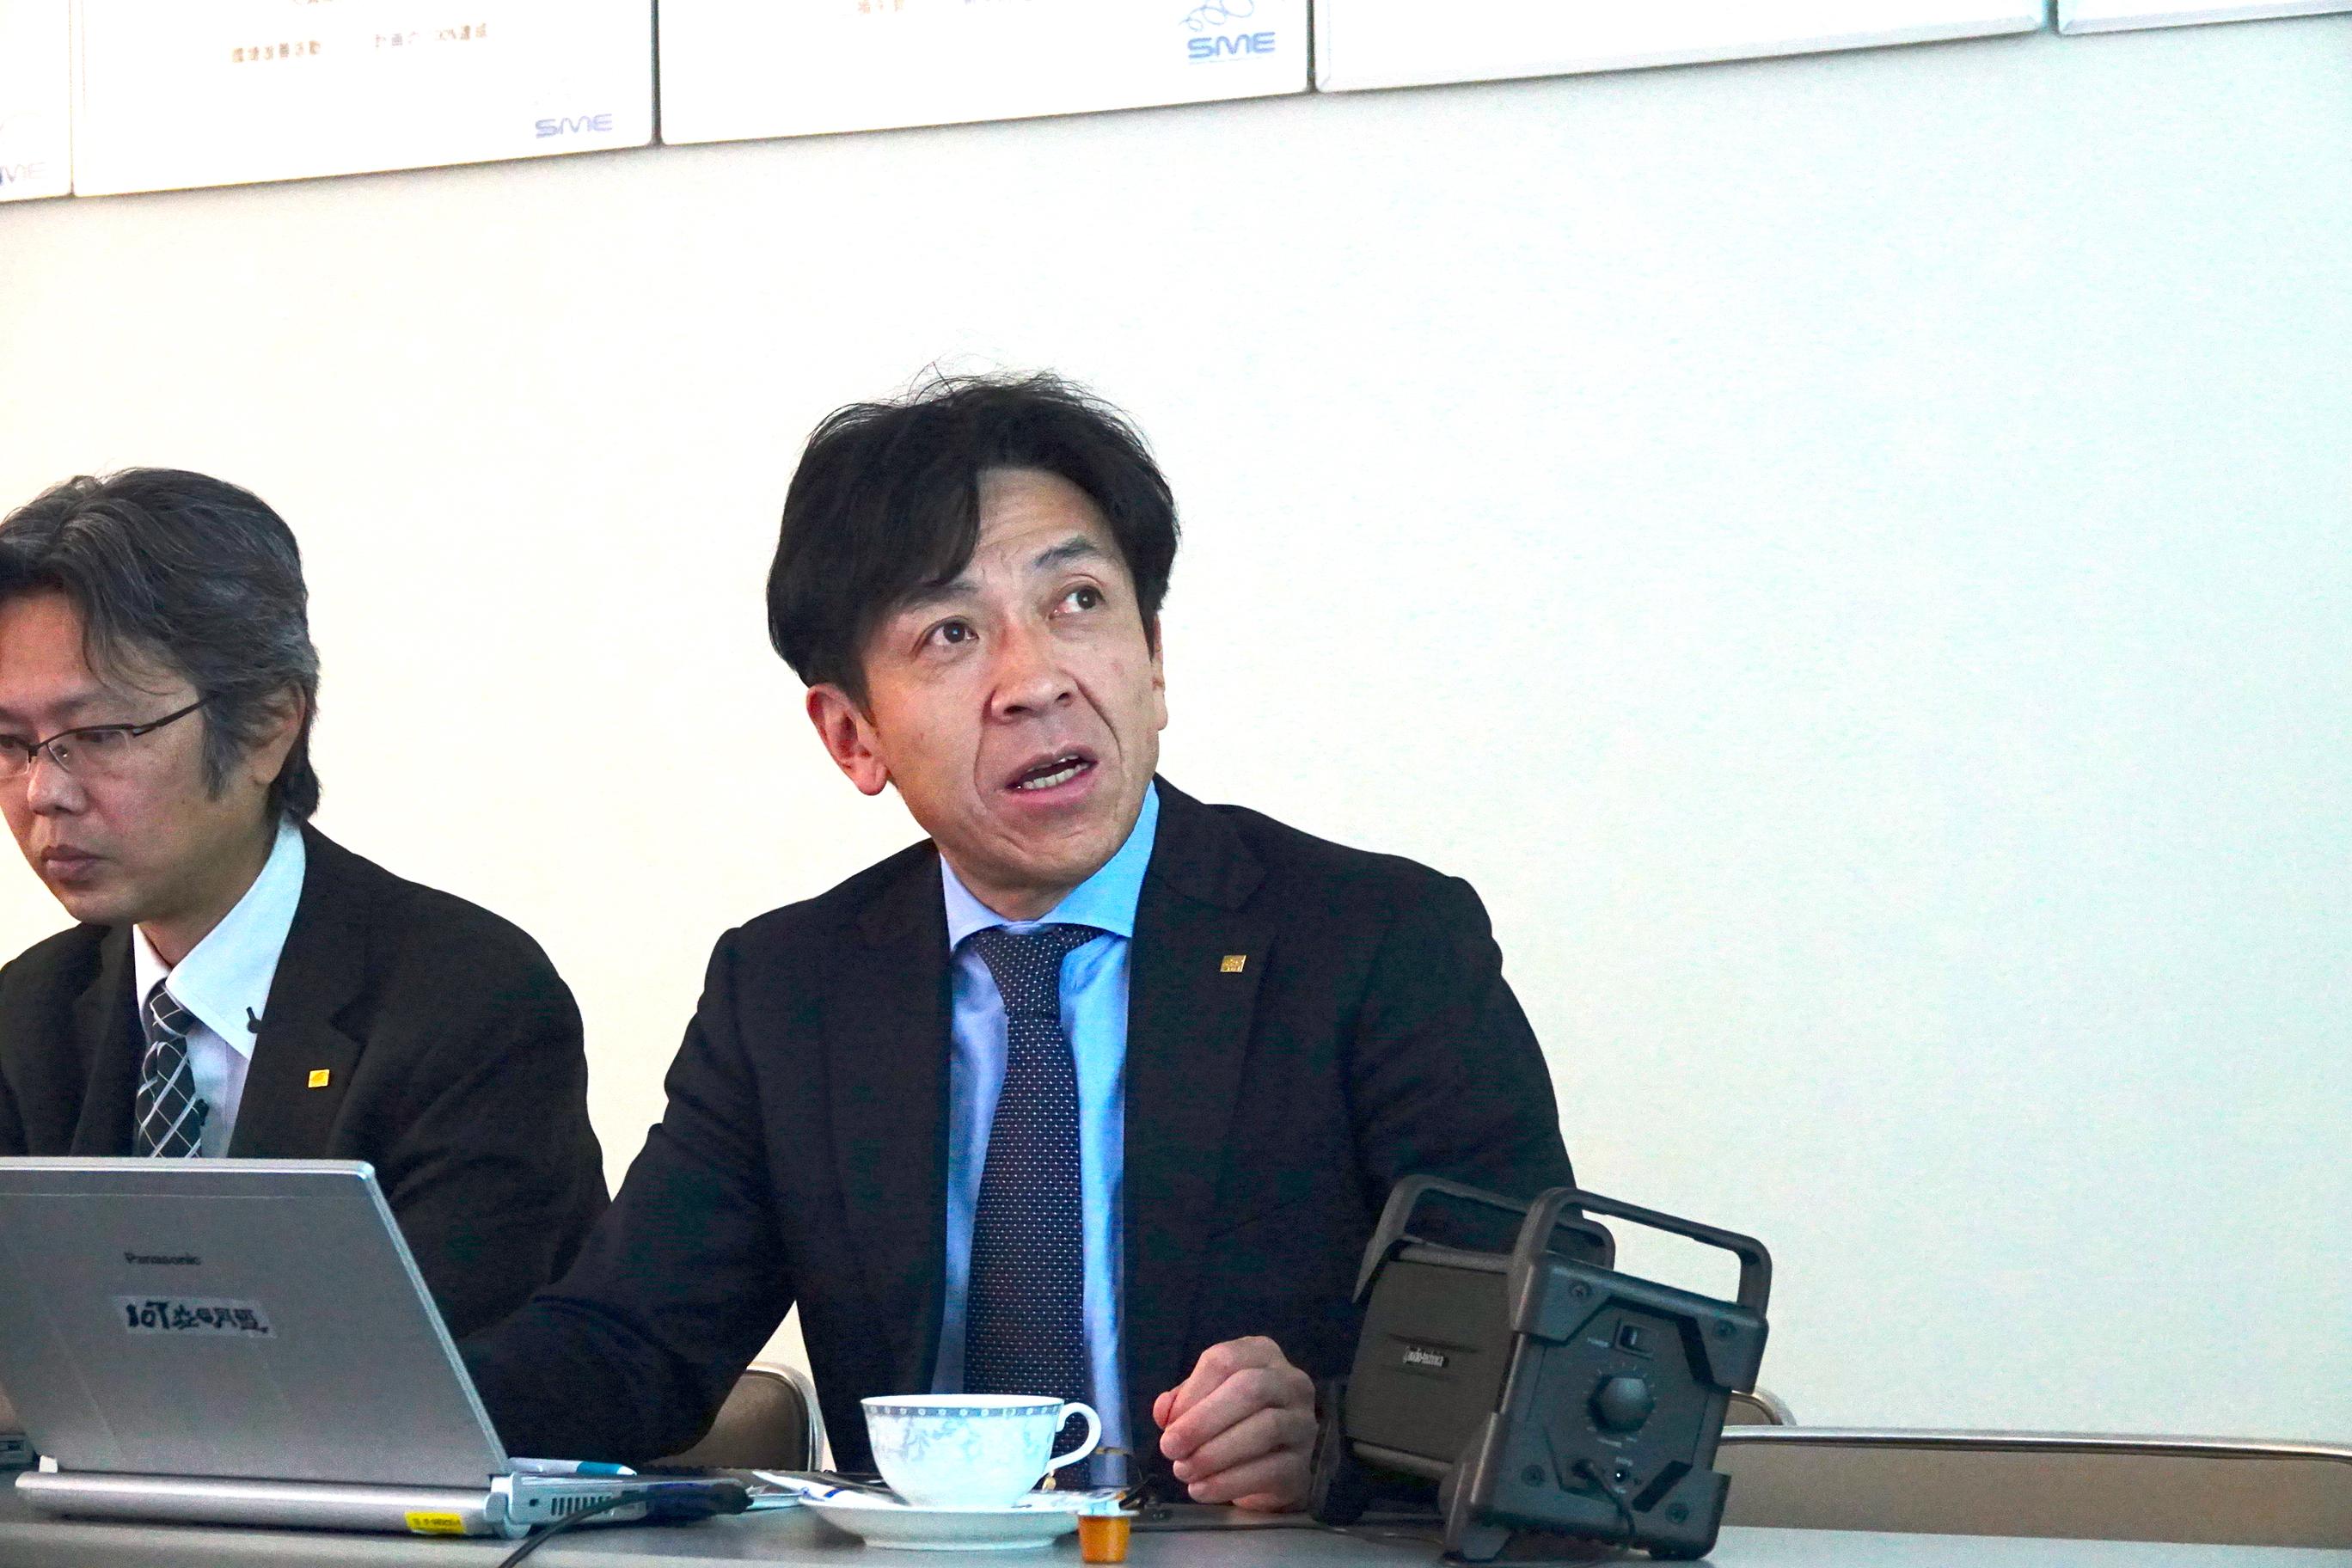 シマネ益田電子 取締役服車掌 平谷 太 氏